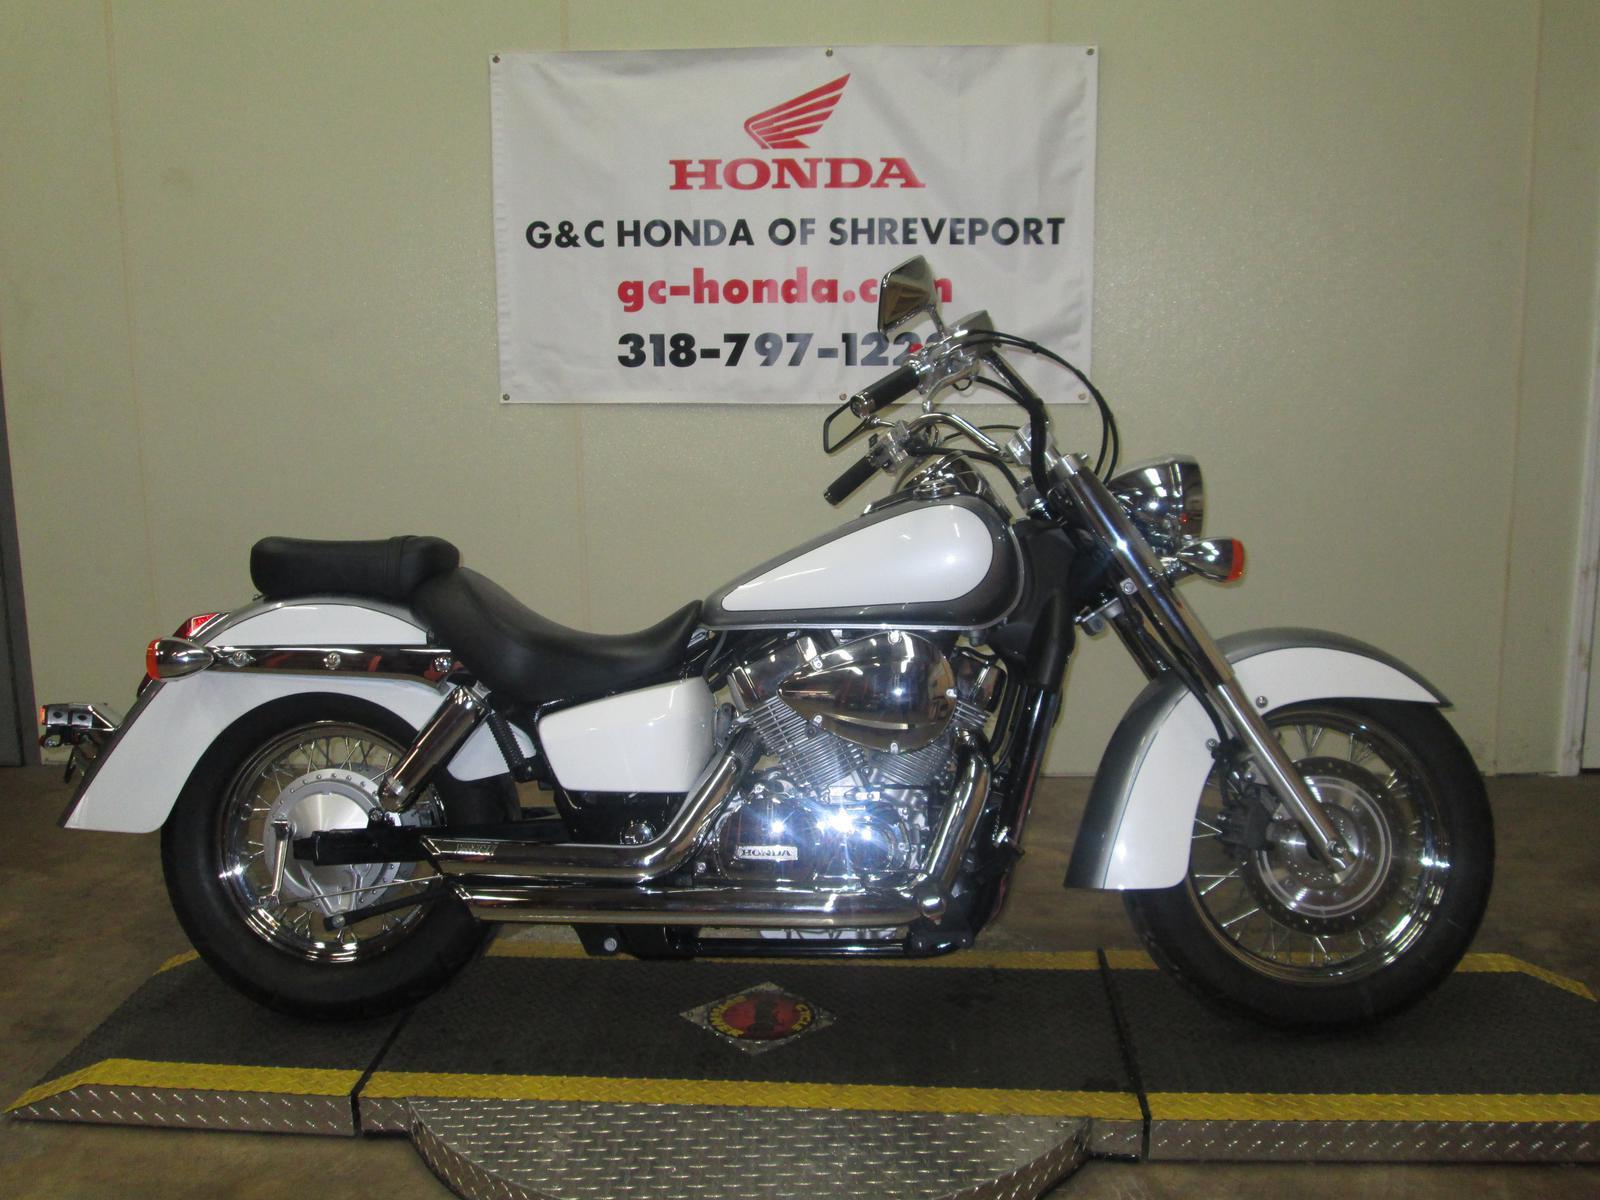 2013 Honda VT750C for sale in Shreveport, LA. G&C Honda of ...